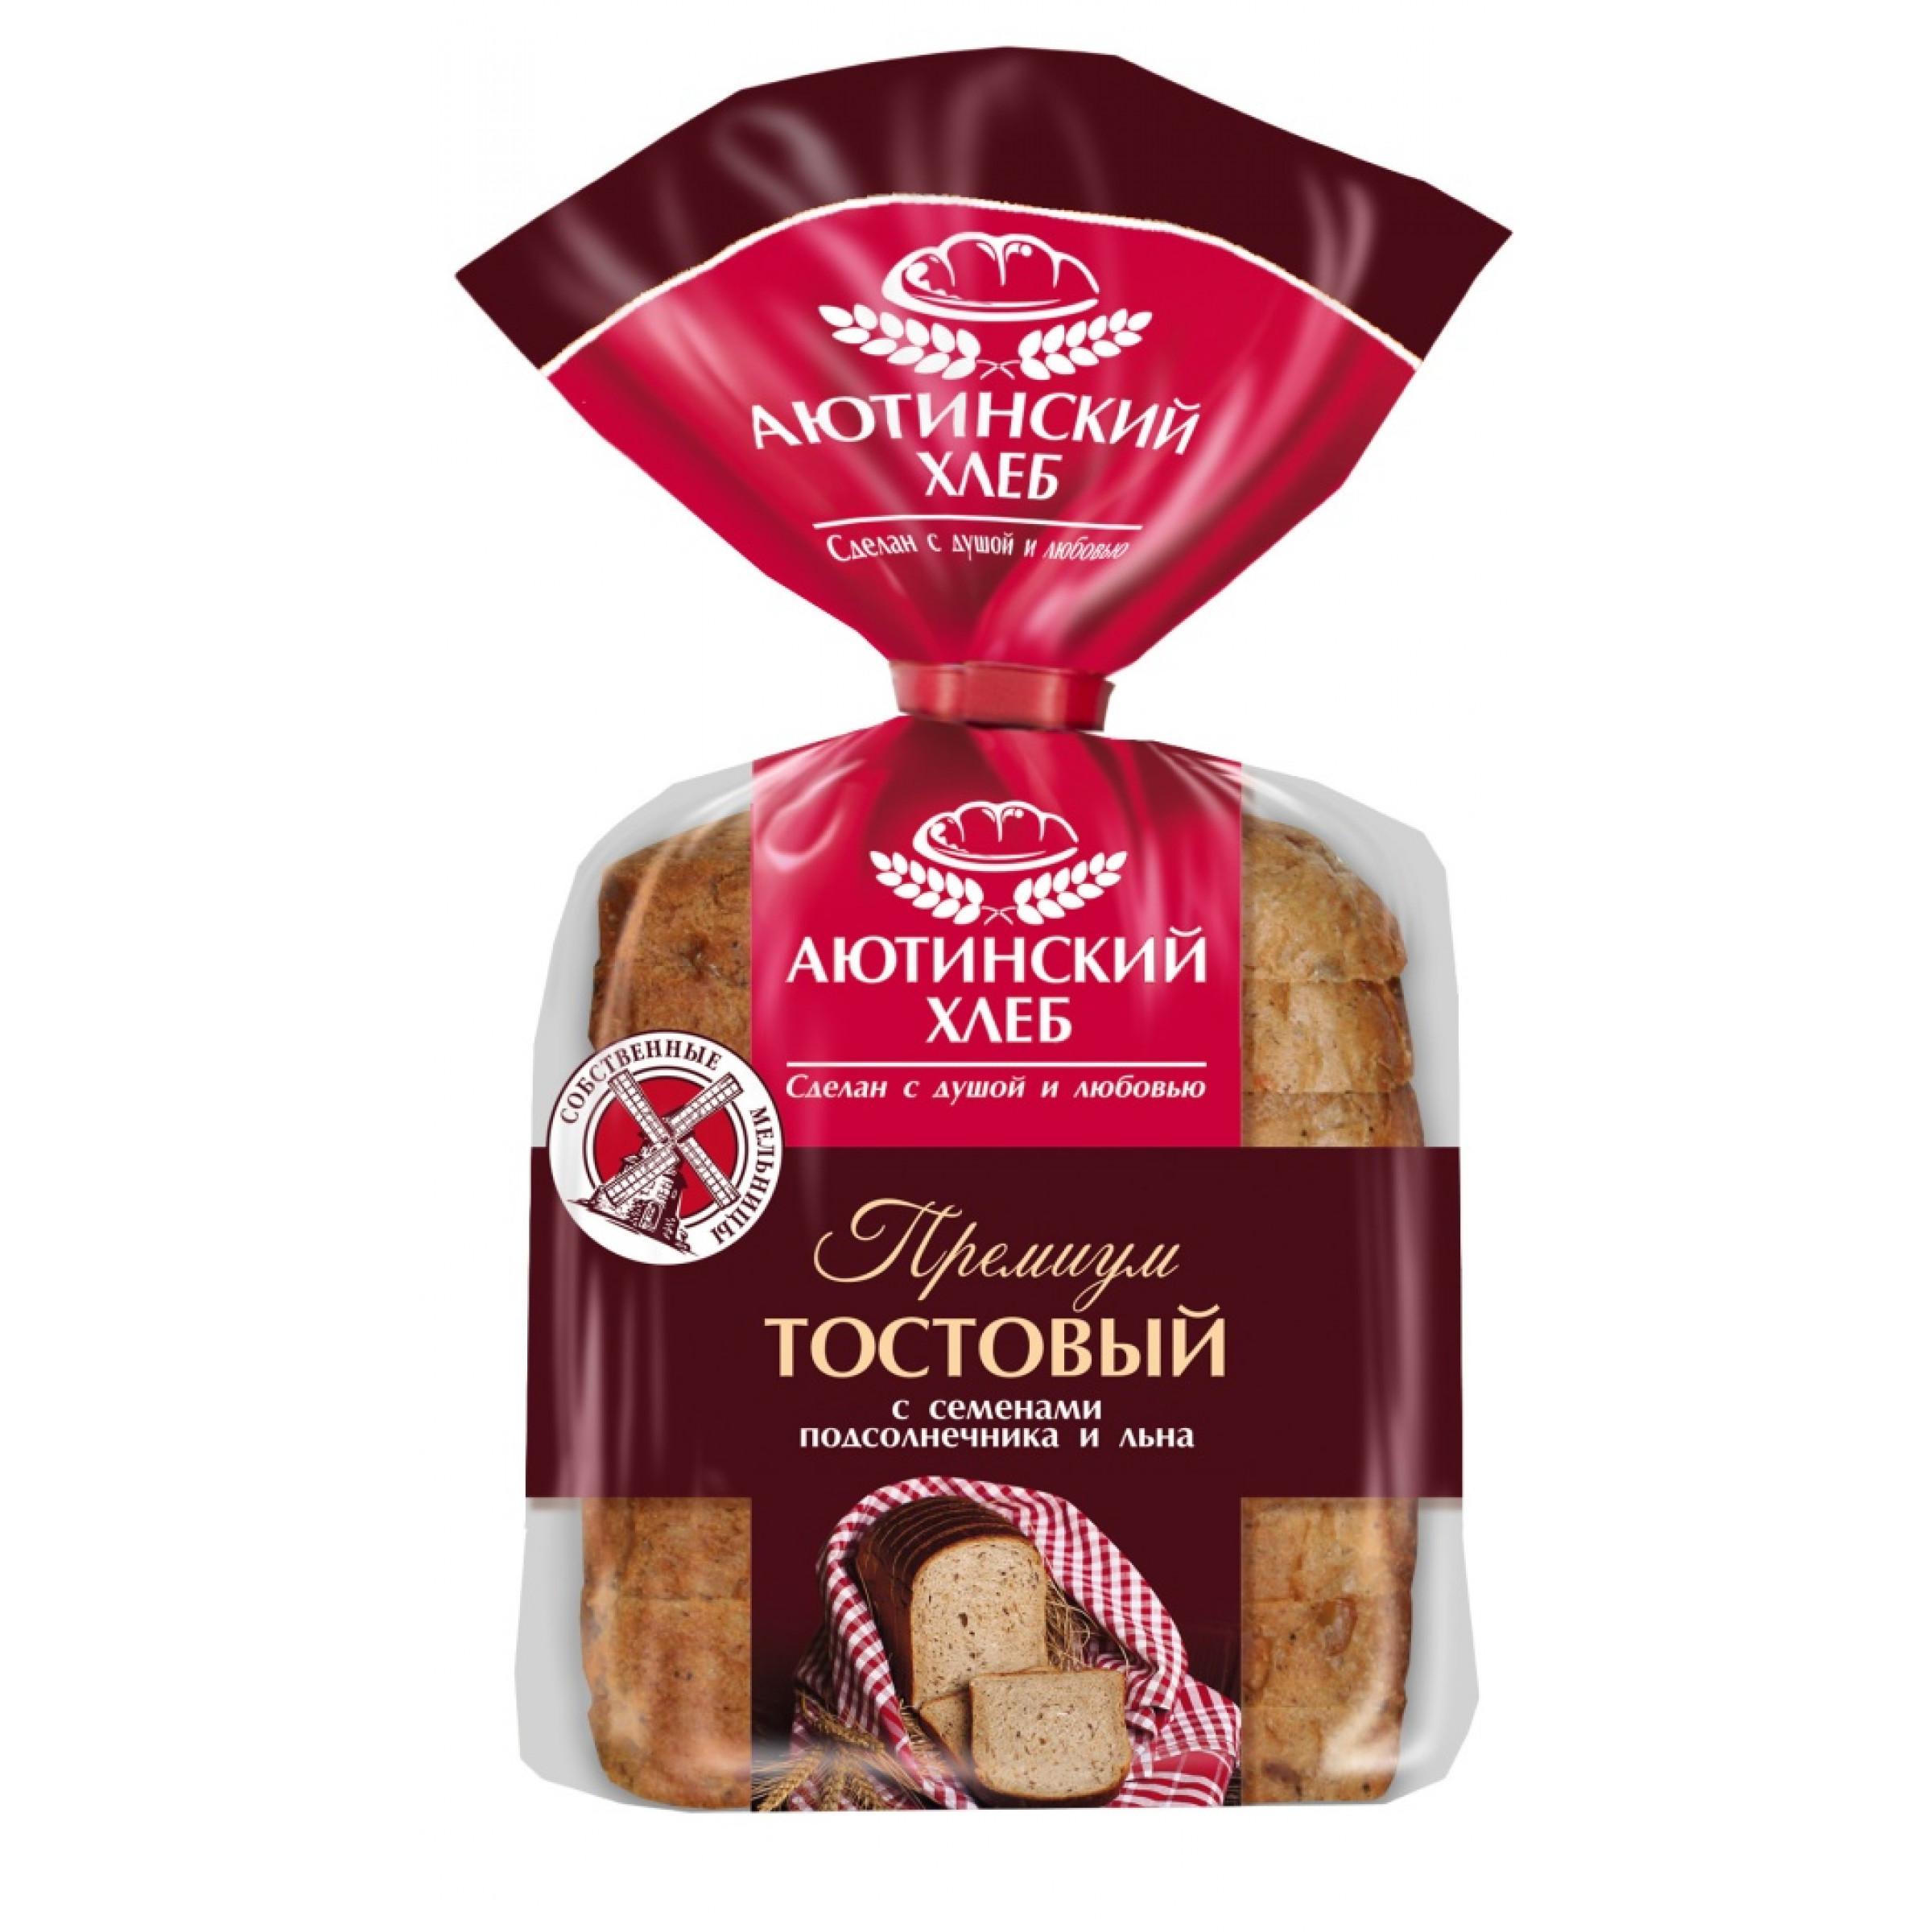 Хлеб пшенично-ржаной с семенами подсолнечника и льна нарезанный Аютинский,  330гр